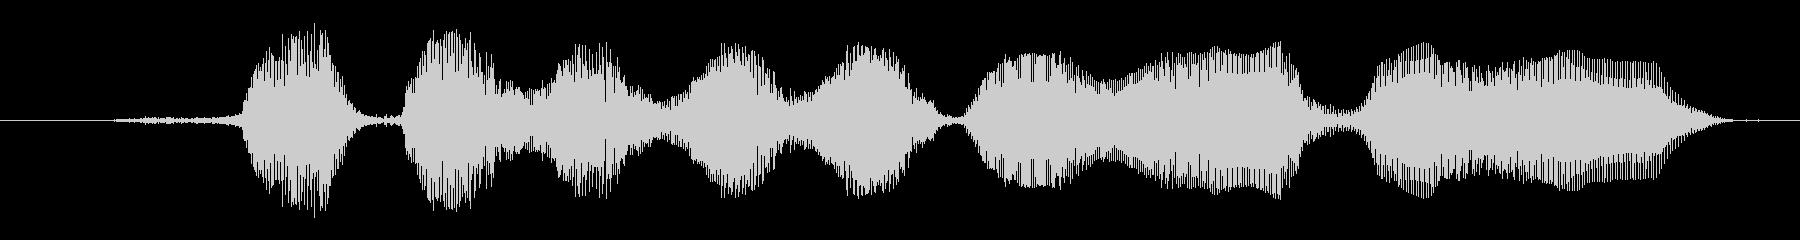 鳴き声 ゴブリン笑い04の未再生の波形